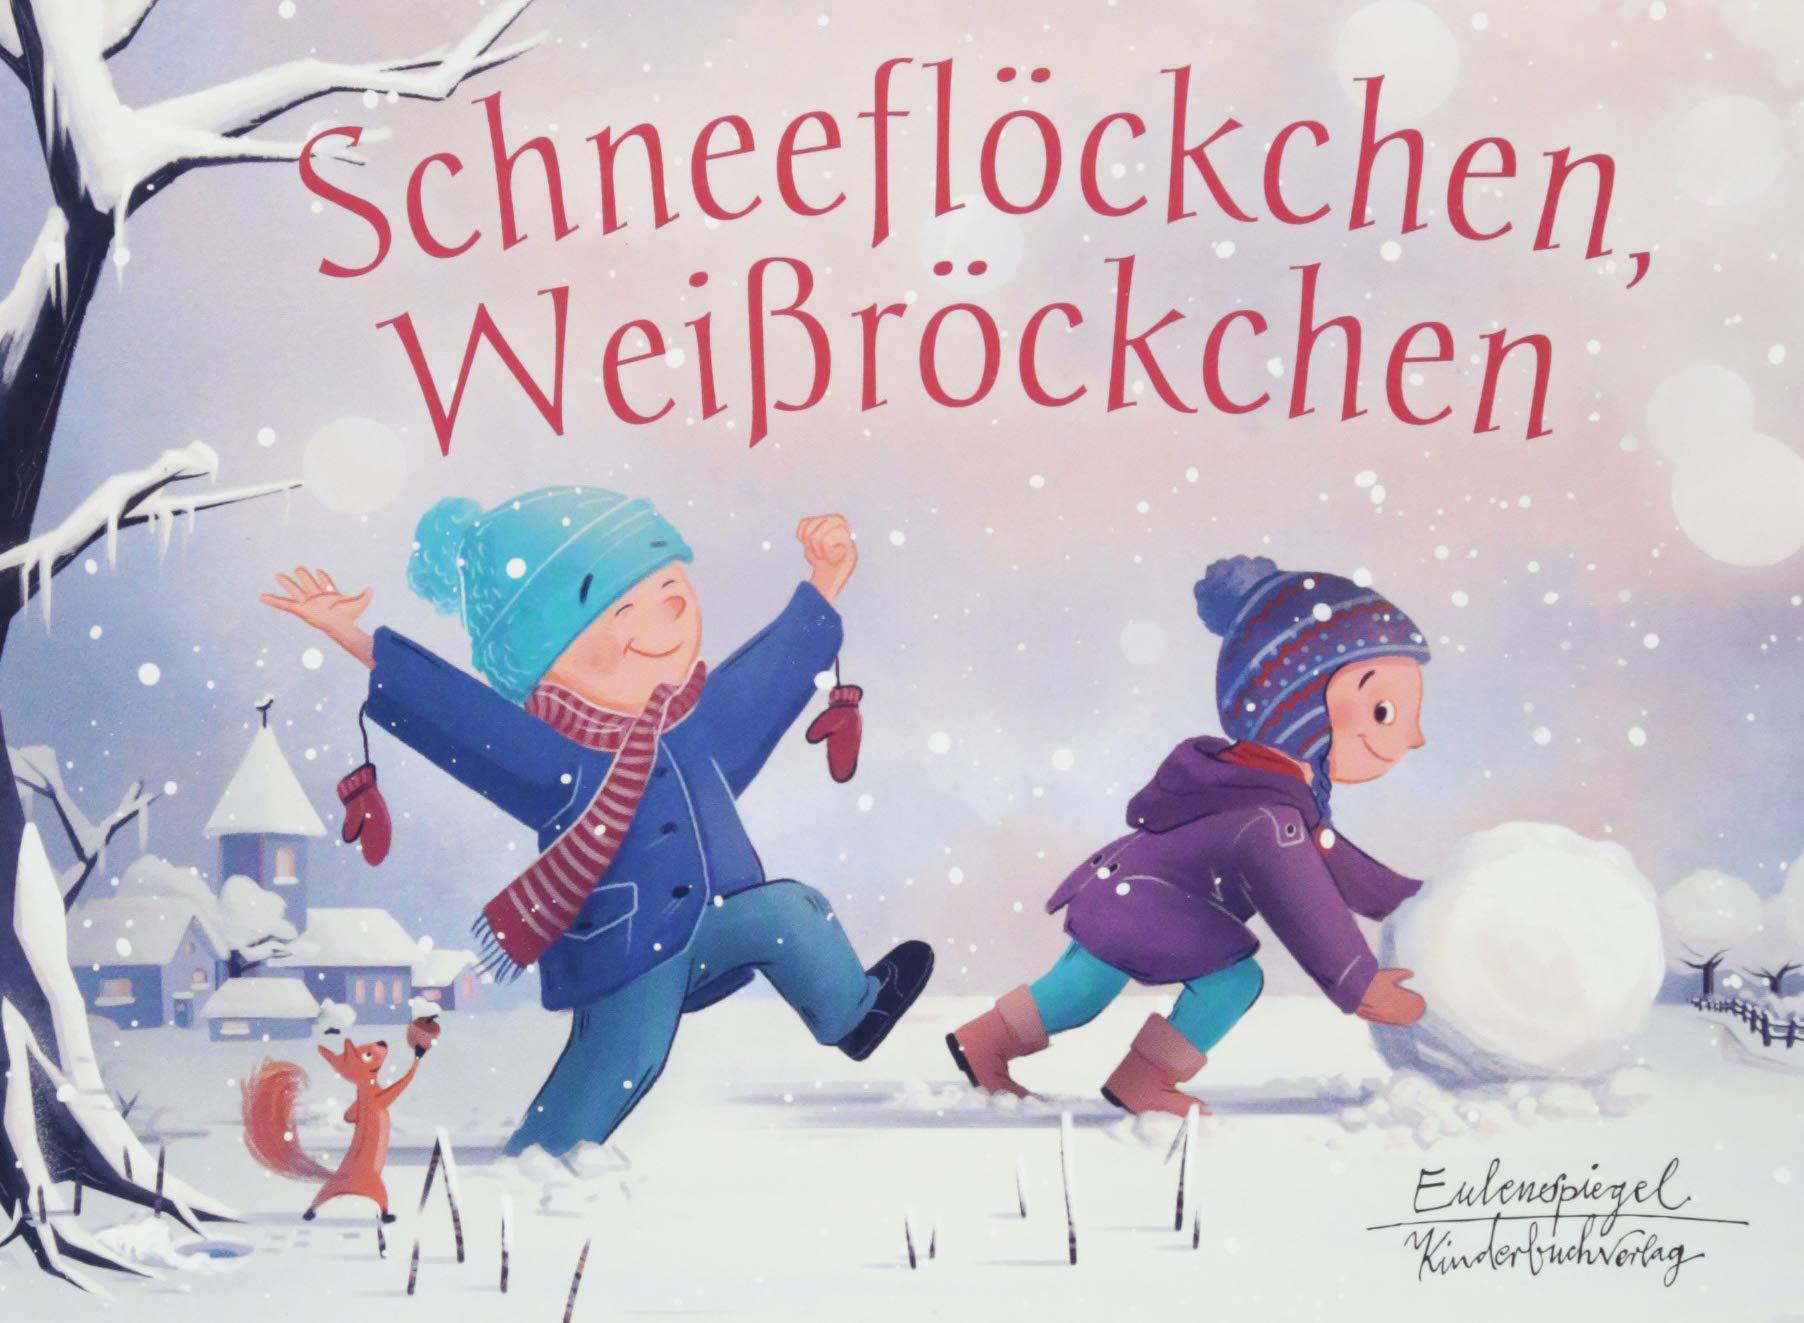 Schneeflöckchen Weißröckchen Eulenspiegel Kinderbuchverlag Amazon De Haberkern Hedwig Müller Marc Bücher